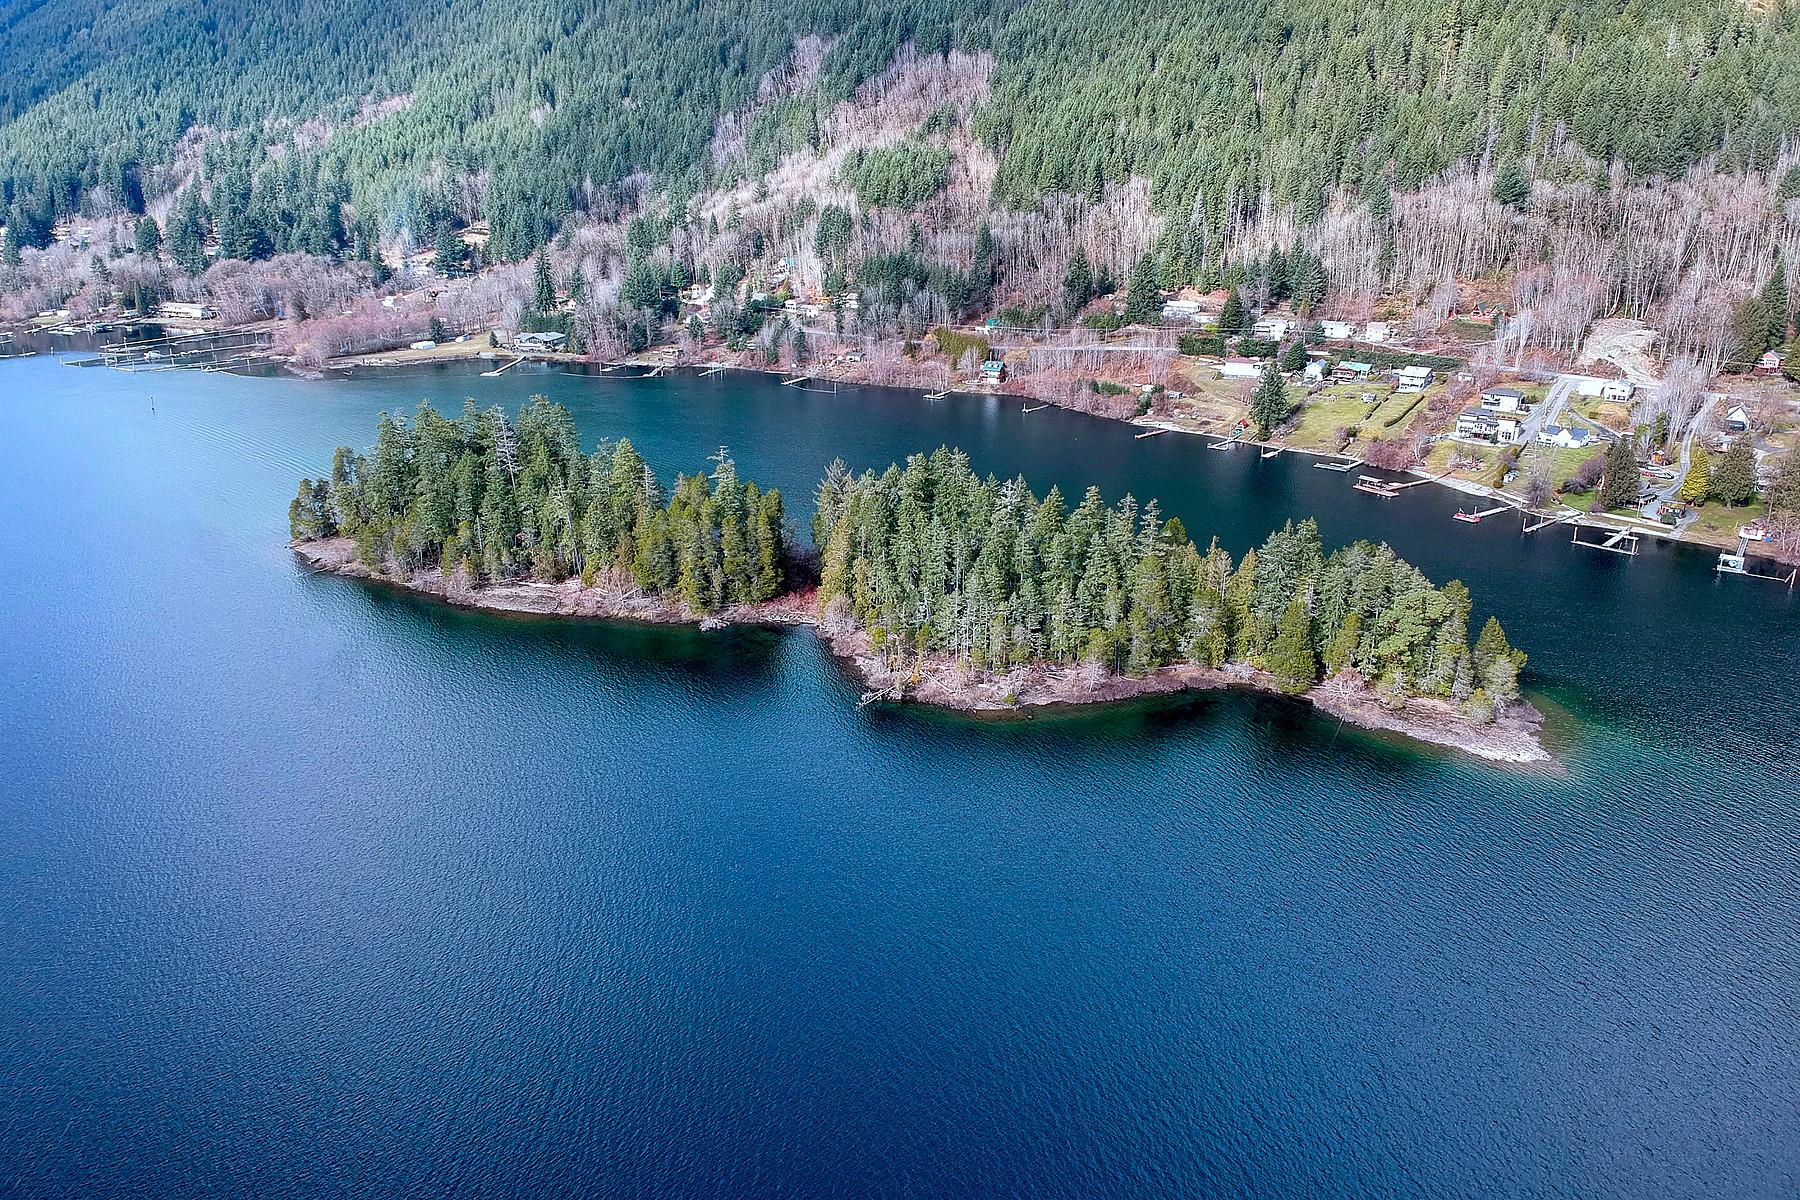 土地,用地 为 销售 在 Island Paradise Island 4, 考伊琴湖, 不列颠哥伦比亚省, V0R 2G0 加拿大